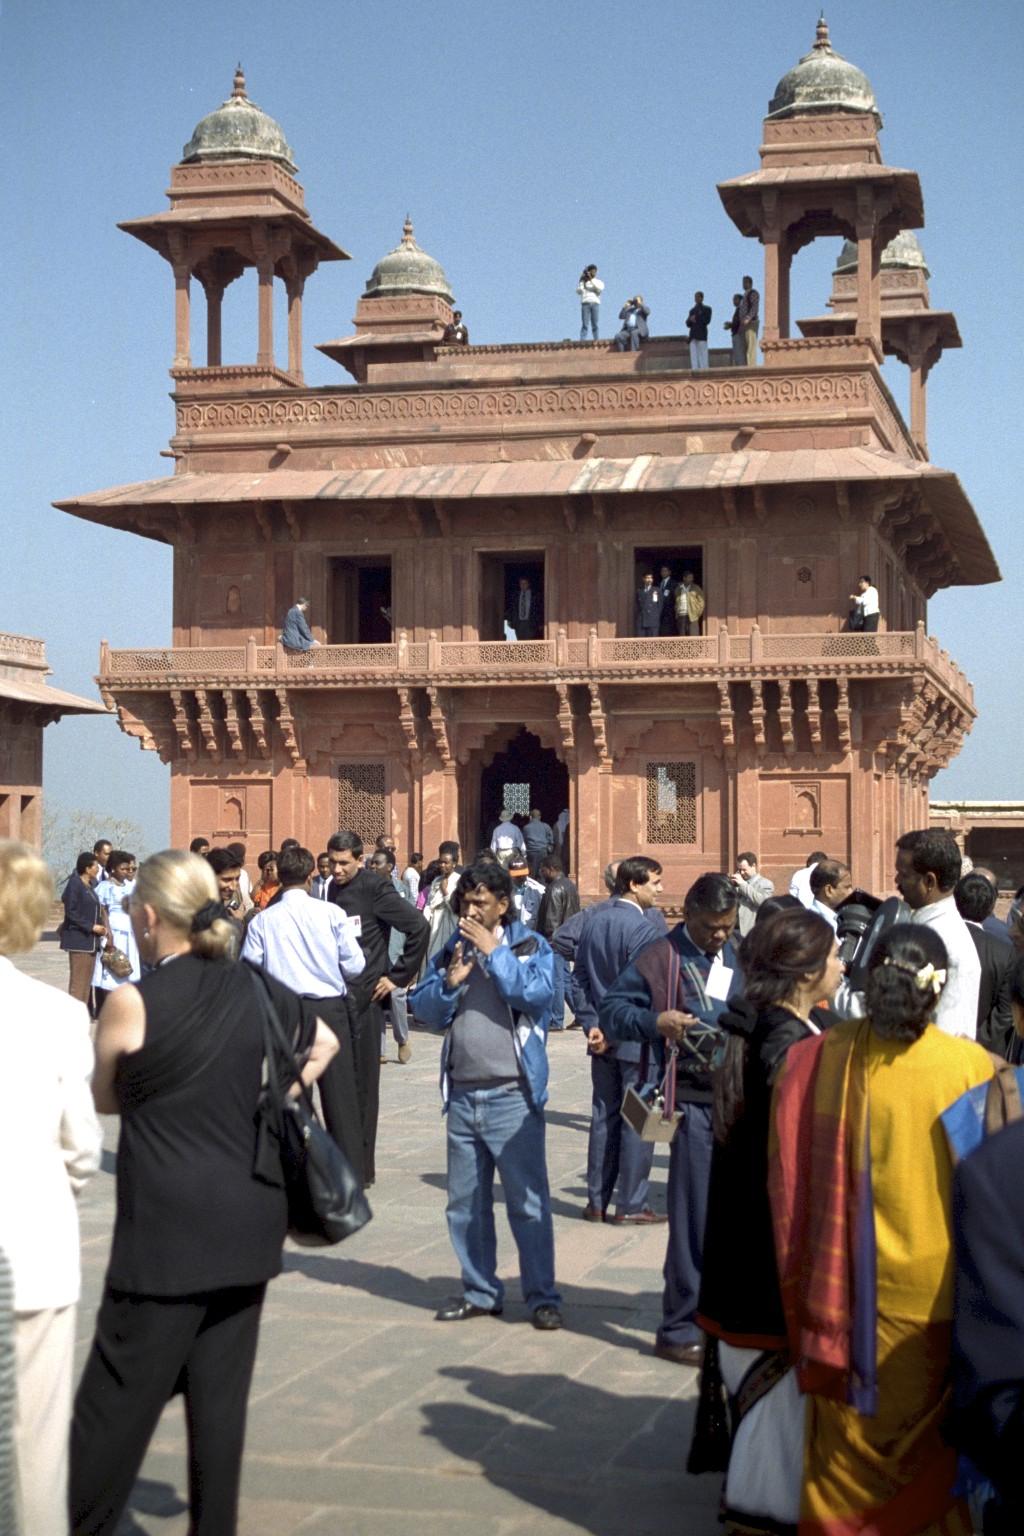 Diwan I Khas, Fatepur Sikri